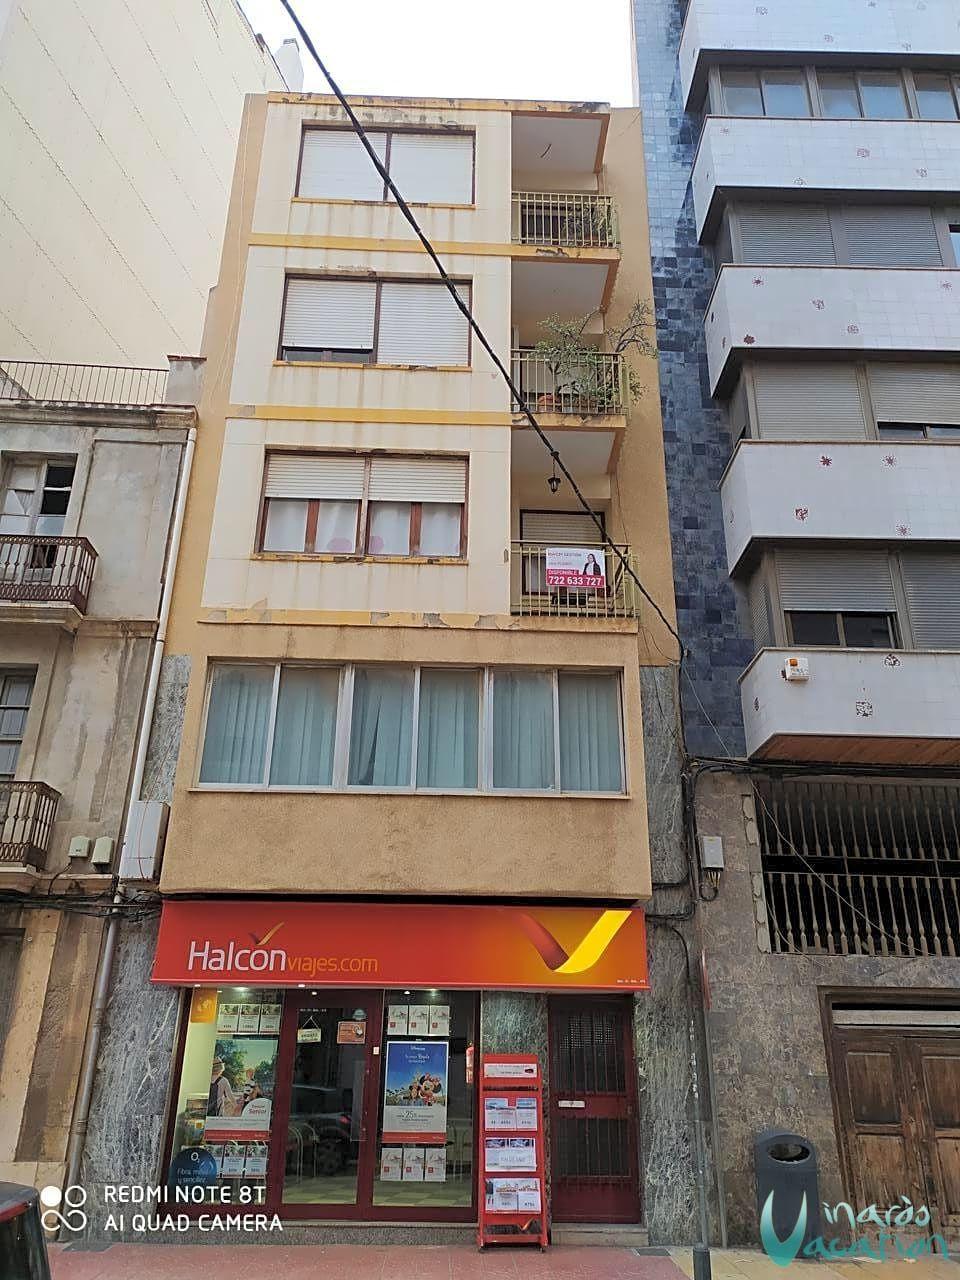 Gebäude  Calle carrer de la mare de déu del pilar, 22. Magnífica oportunidad de inversión. edificio de pb+4 en el centr